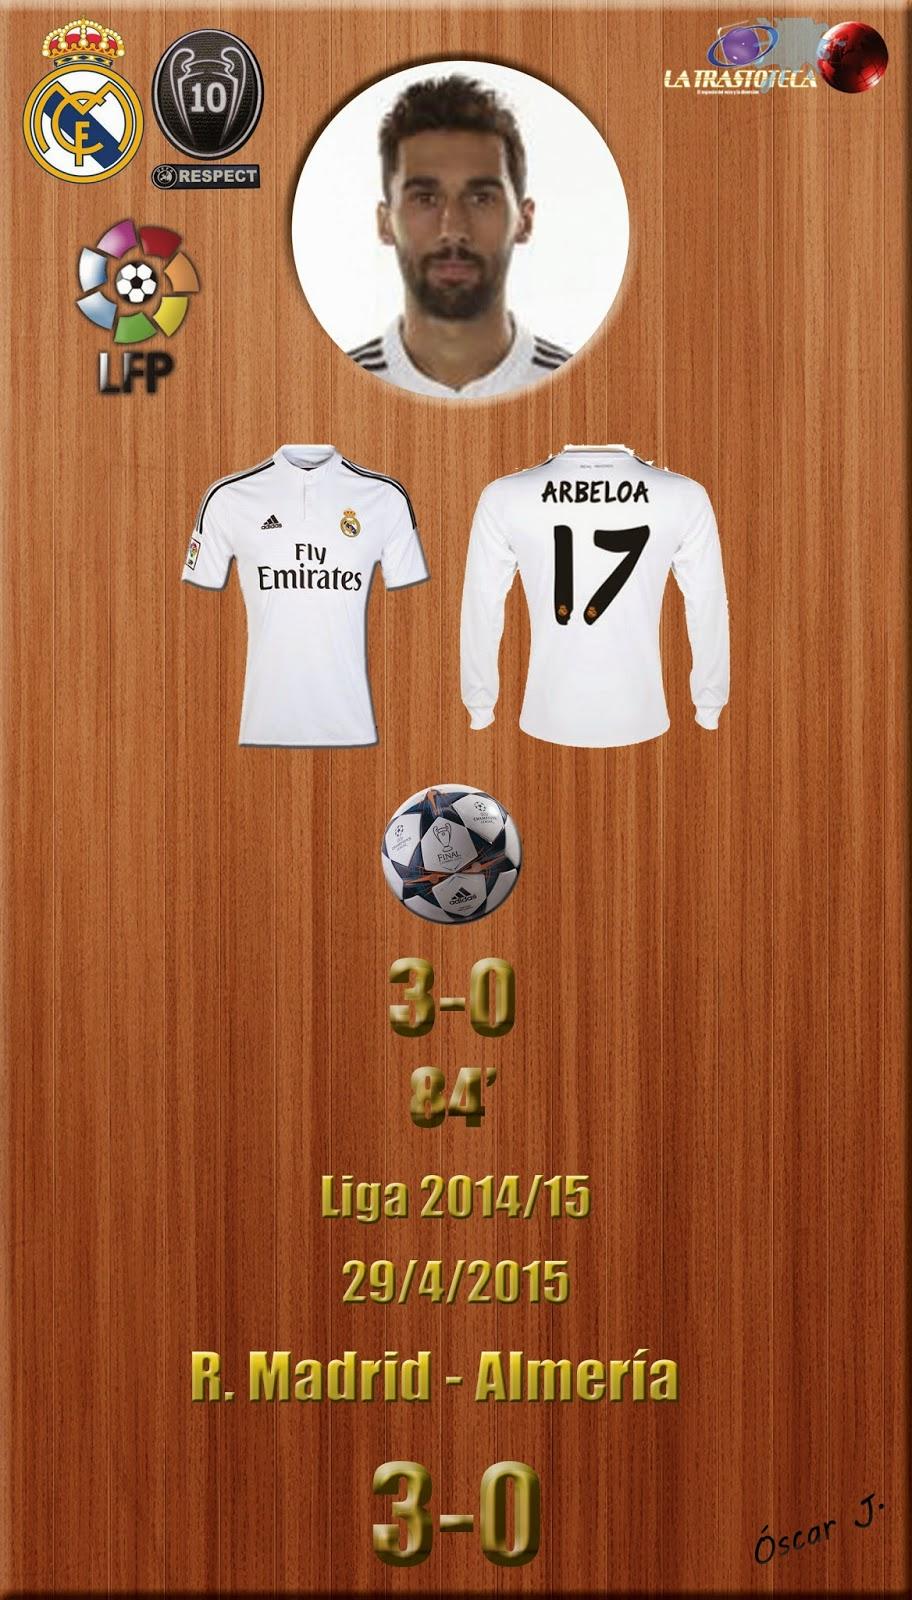 Arbeloa (3-0) - Real Madrid 3-0 Almería - Liga 2014/15 - Jornada 34 - (29/4/2015)